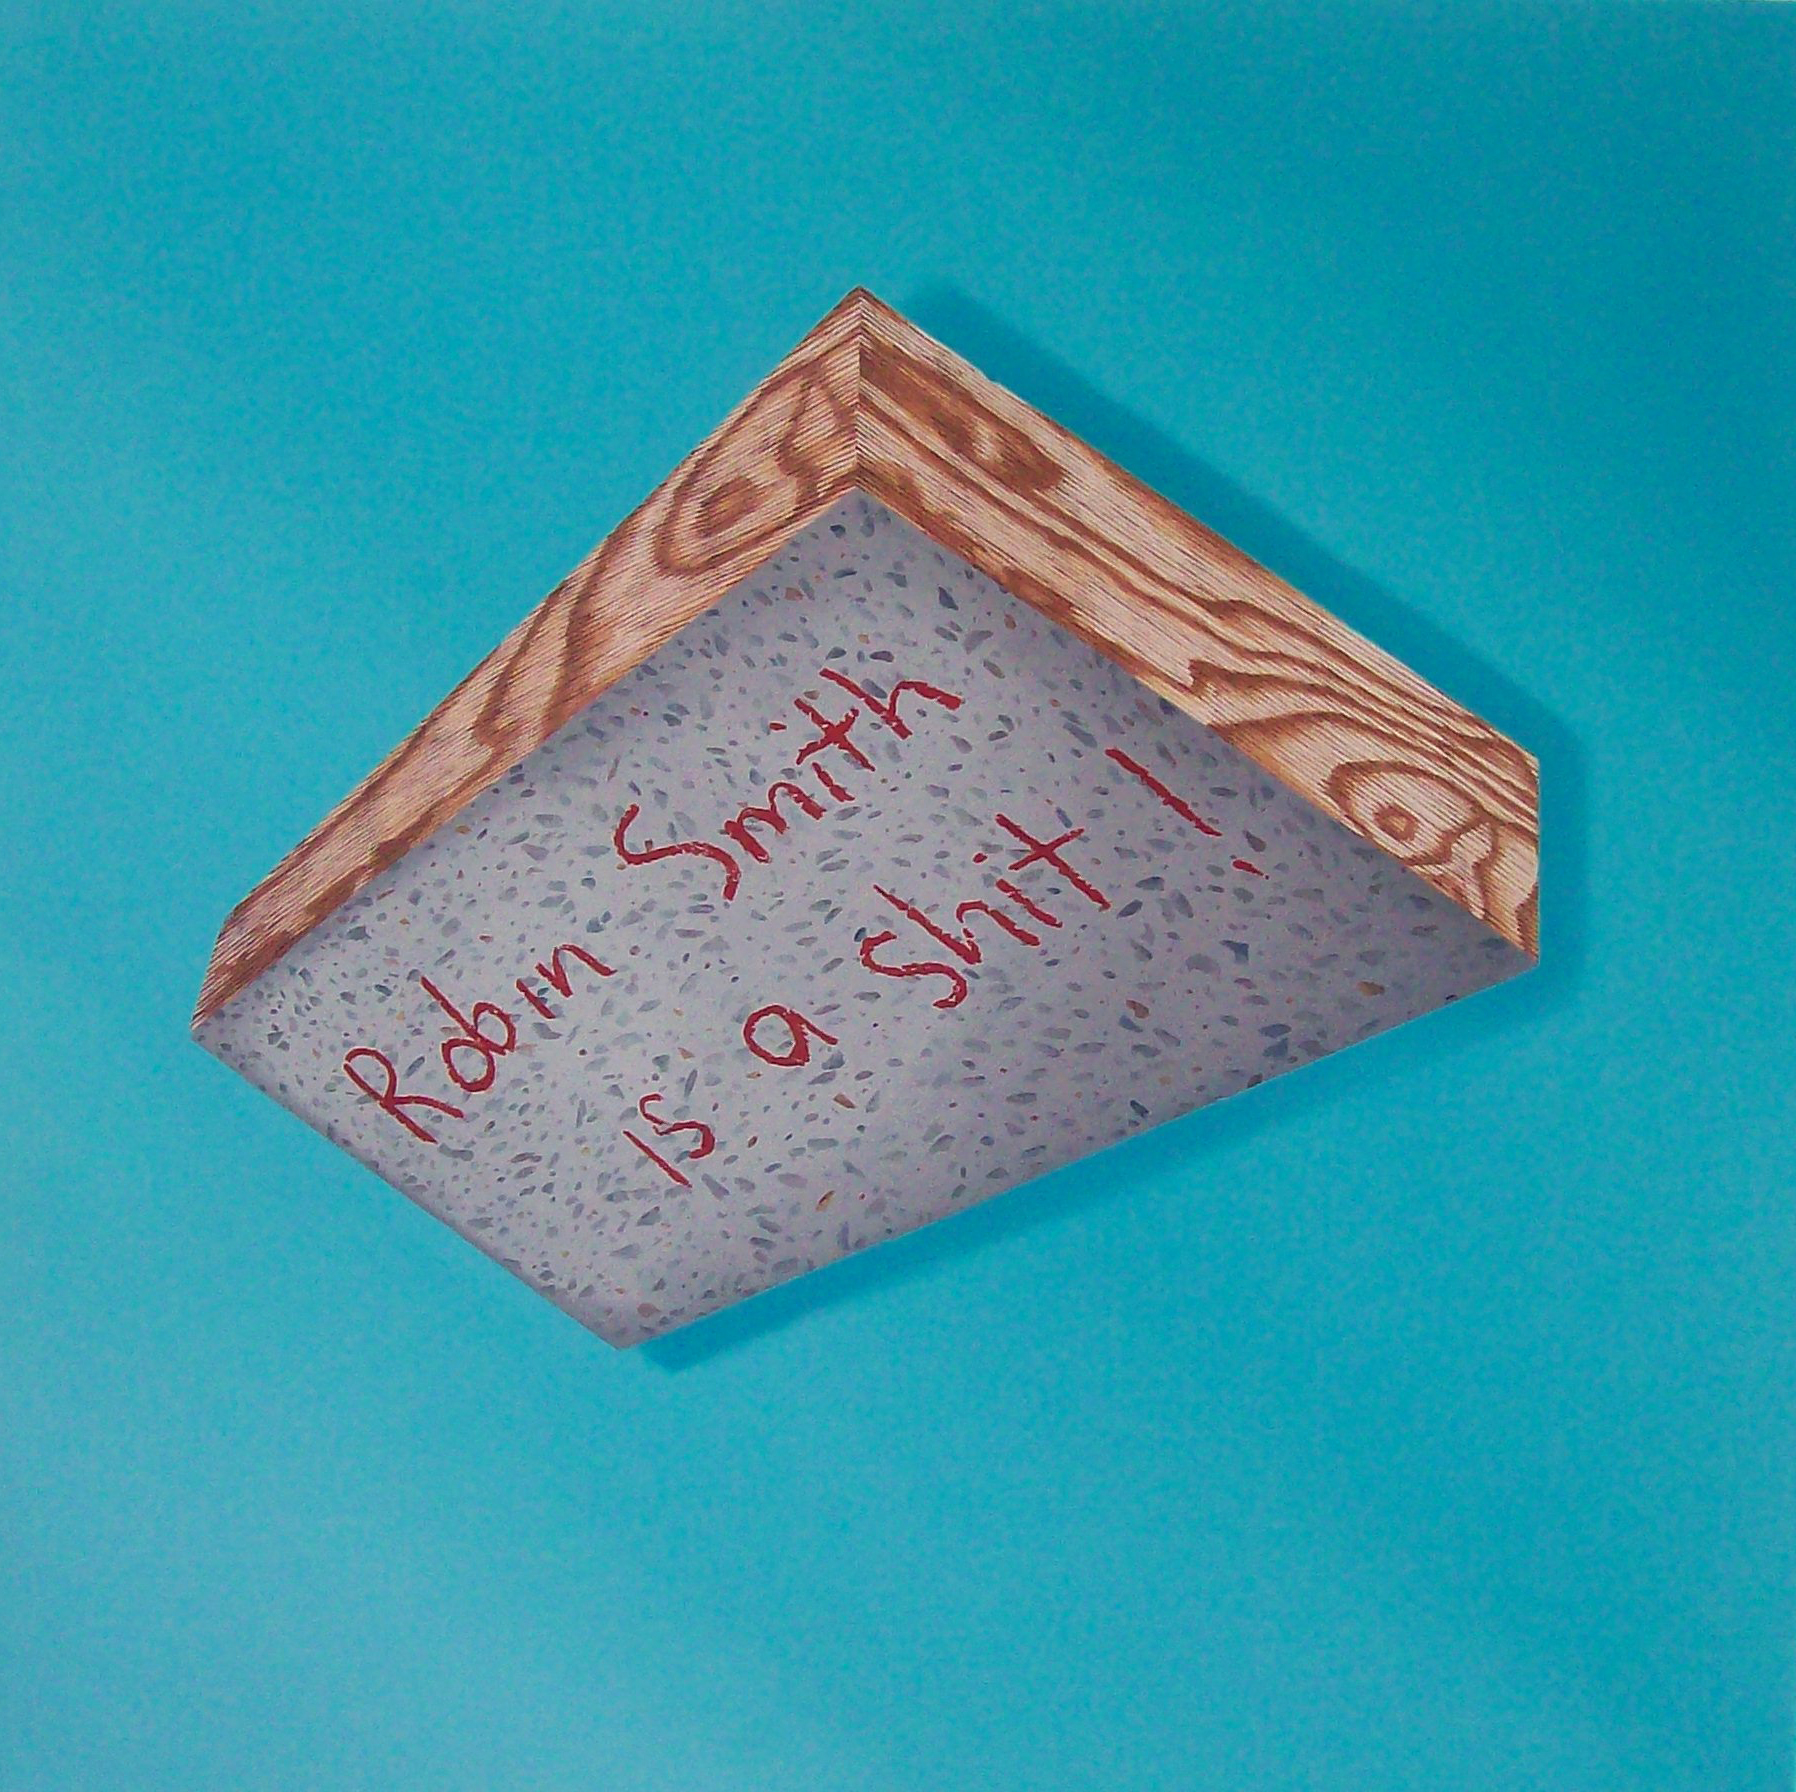 Robin Smith, oil on canvas, 2008